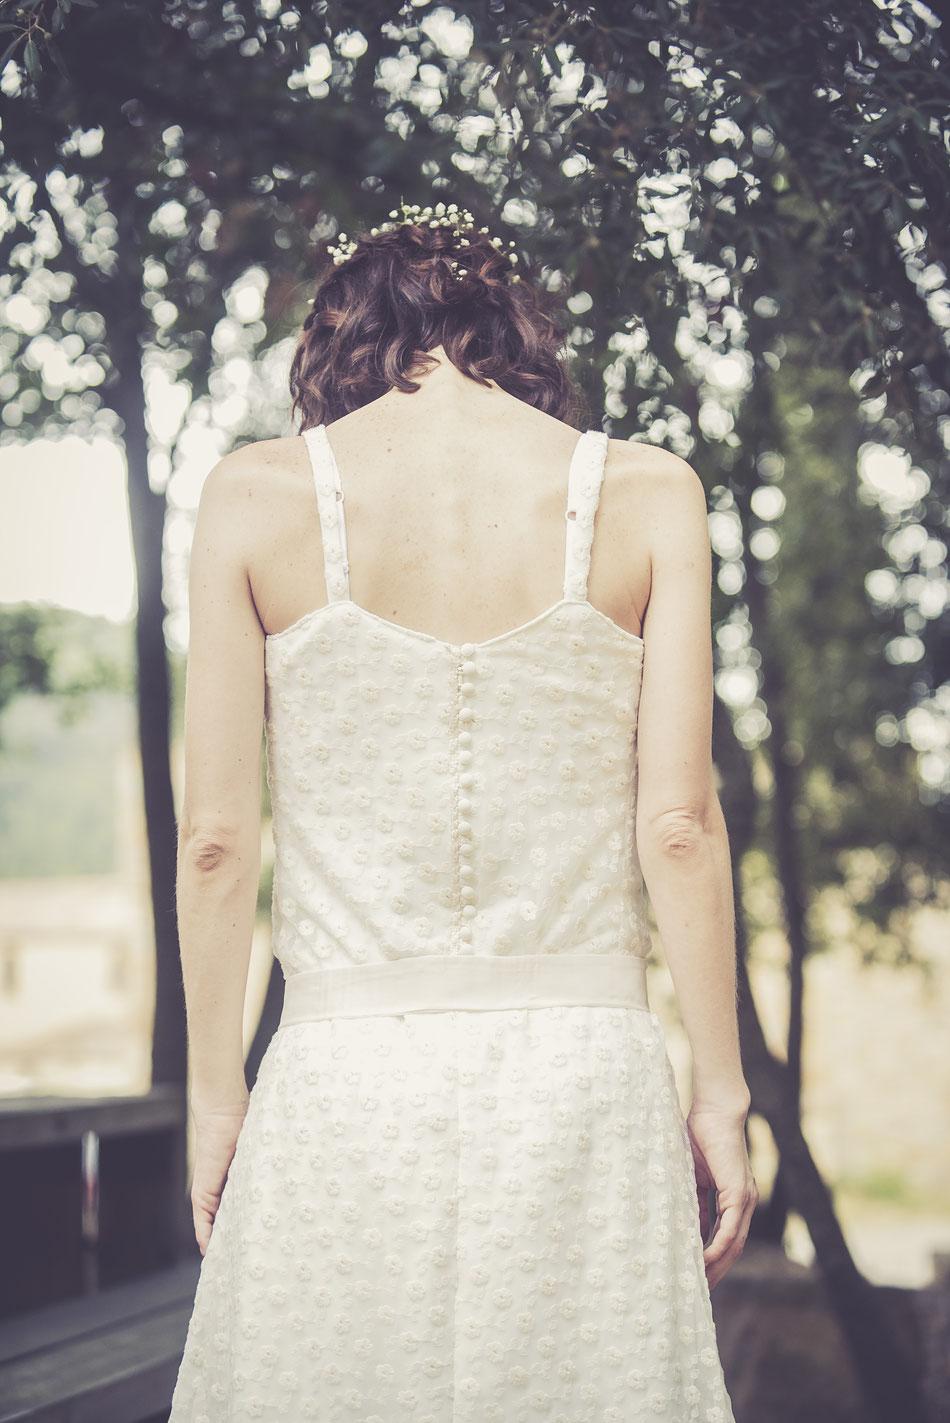 Vestit: l'Armari d'Eco. Model: Núria Soldevila. Fotografia: Oriol Segon